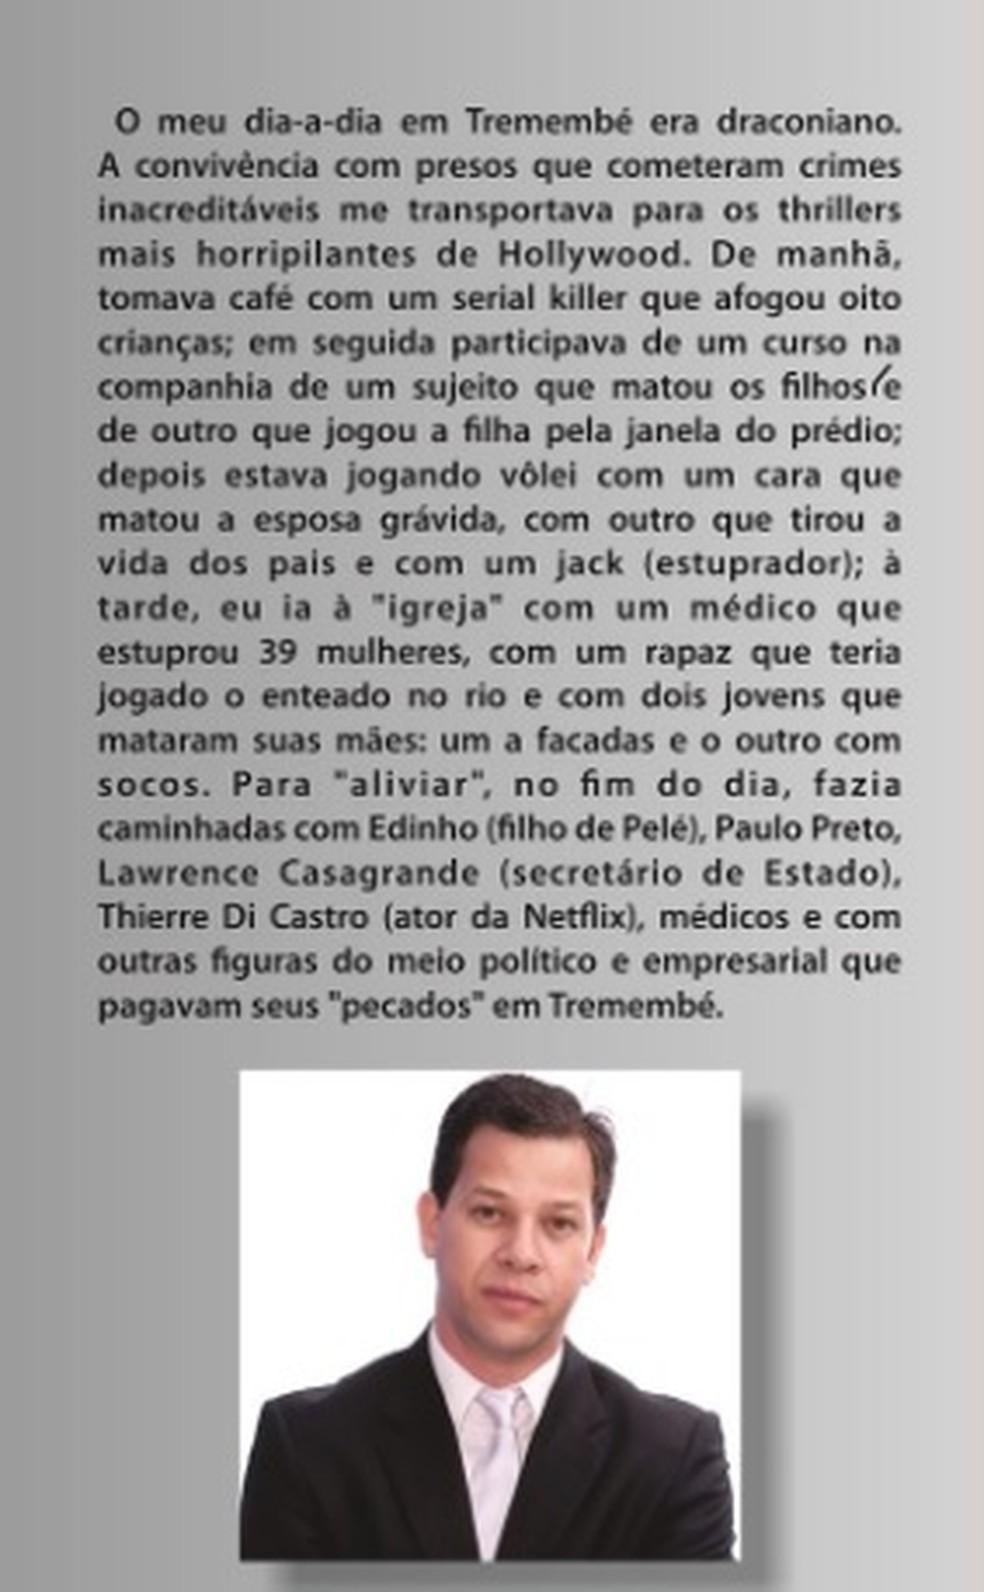 Prefácio do livro escrito pelo ex-prefeito Acir Filló — Foto: Reprodução